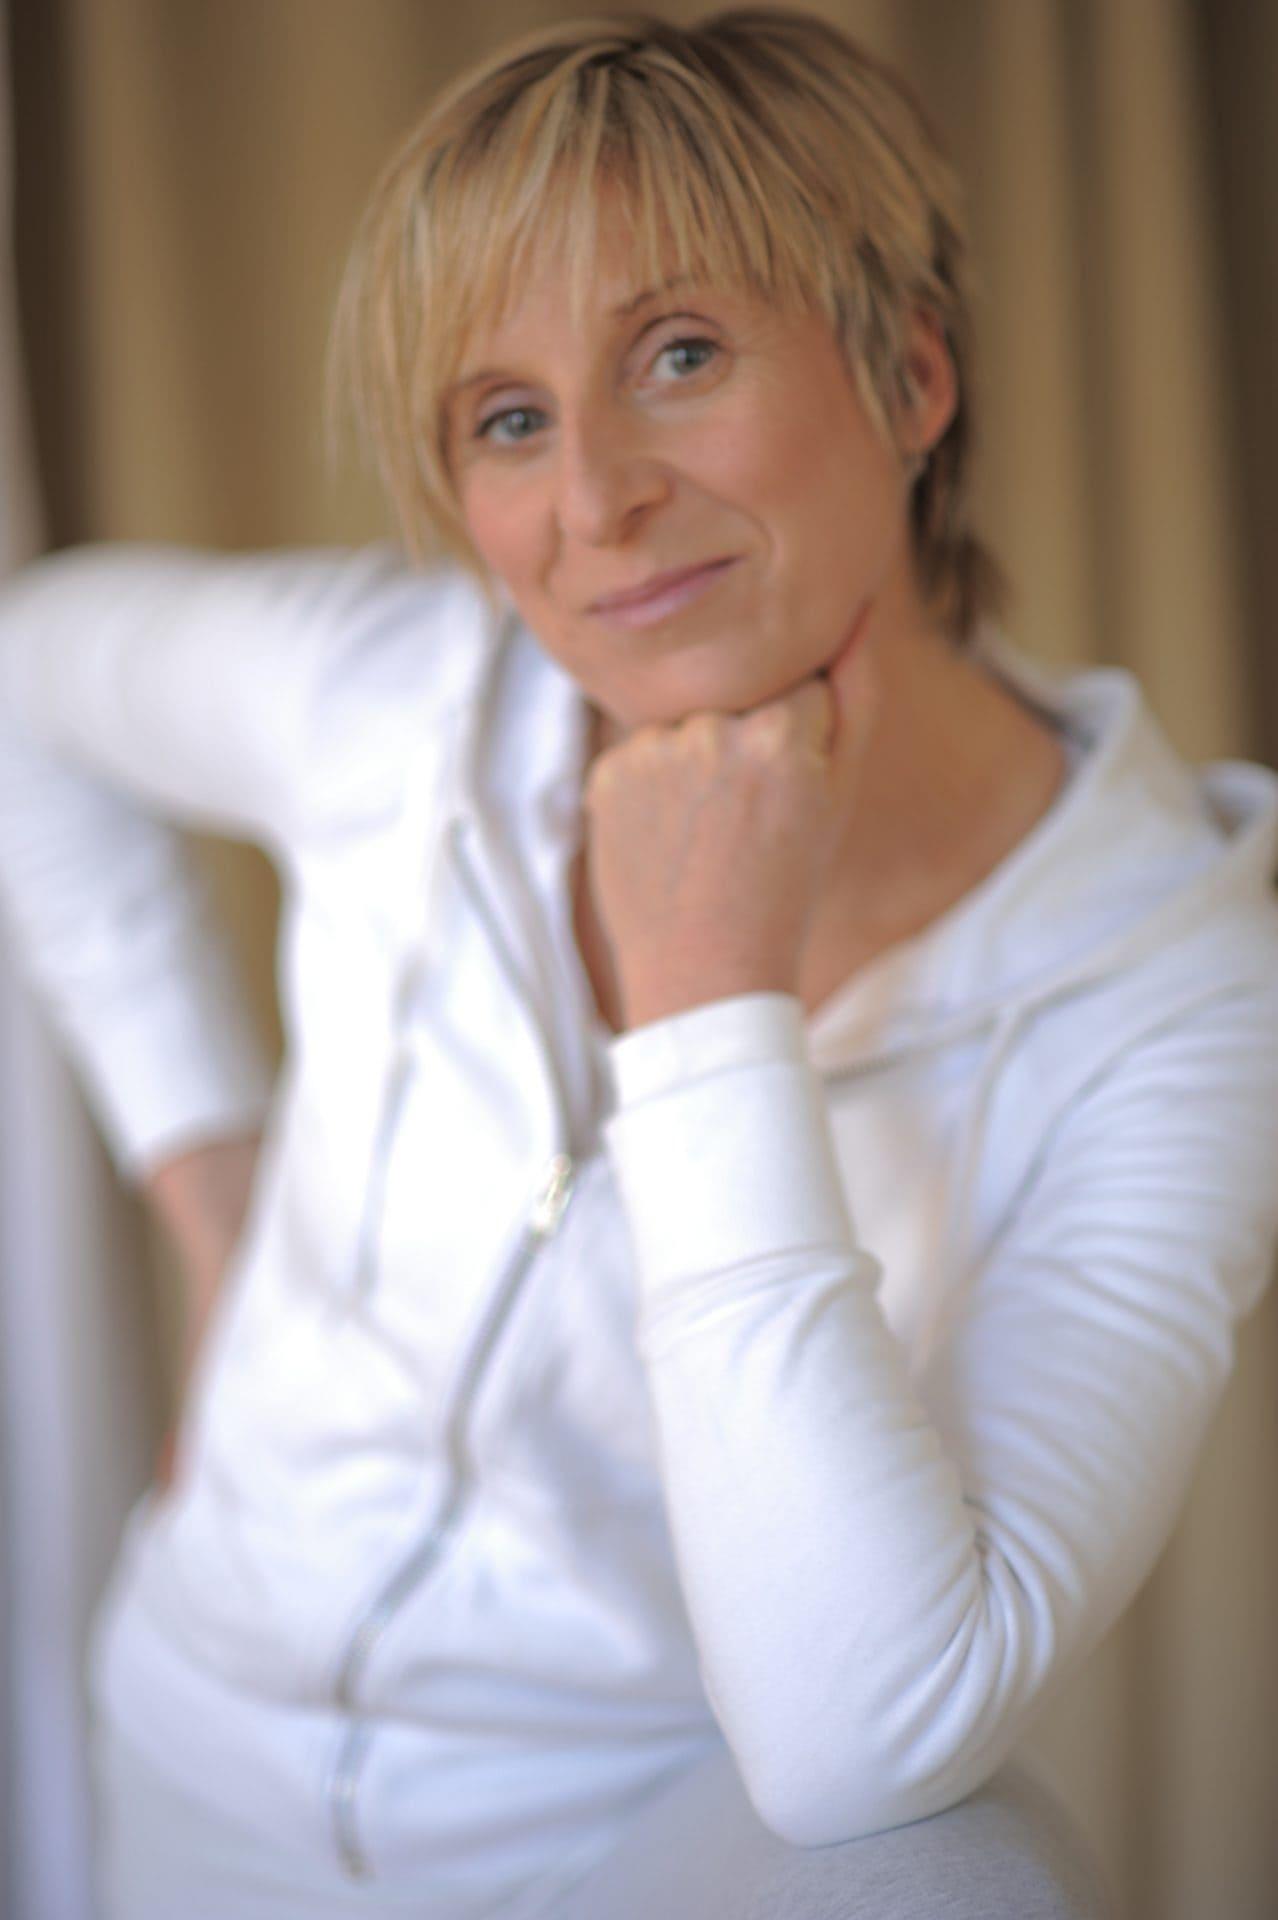 Bettina Preuschoff